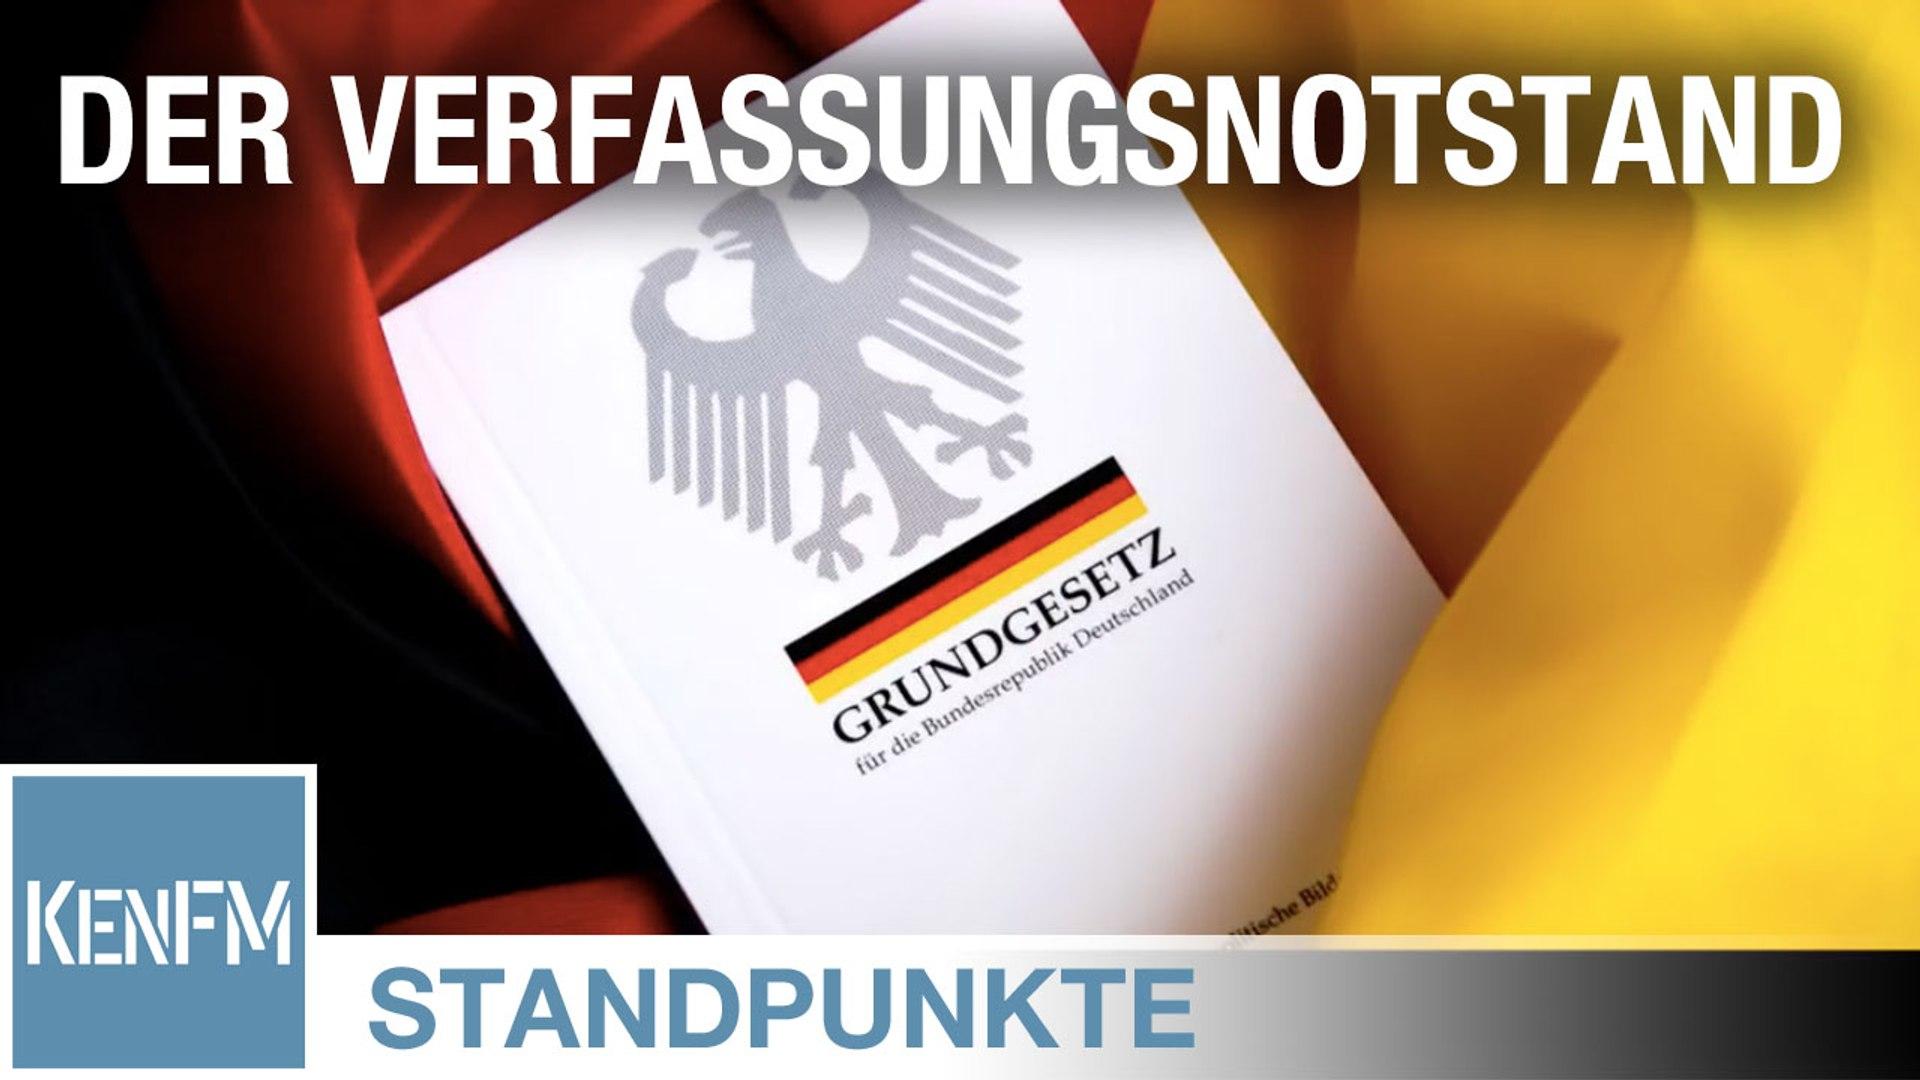 STANDPUNKTE • Der Verfassungsnotstand